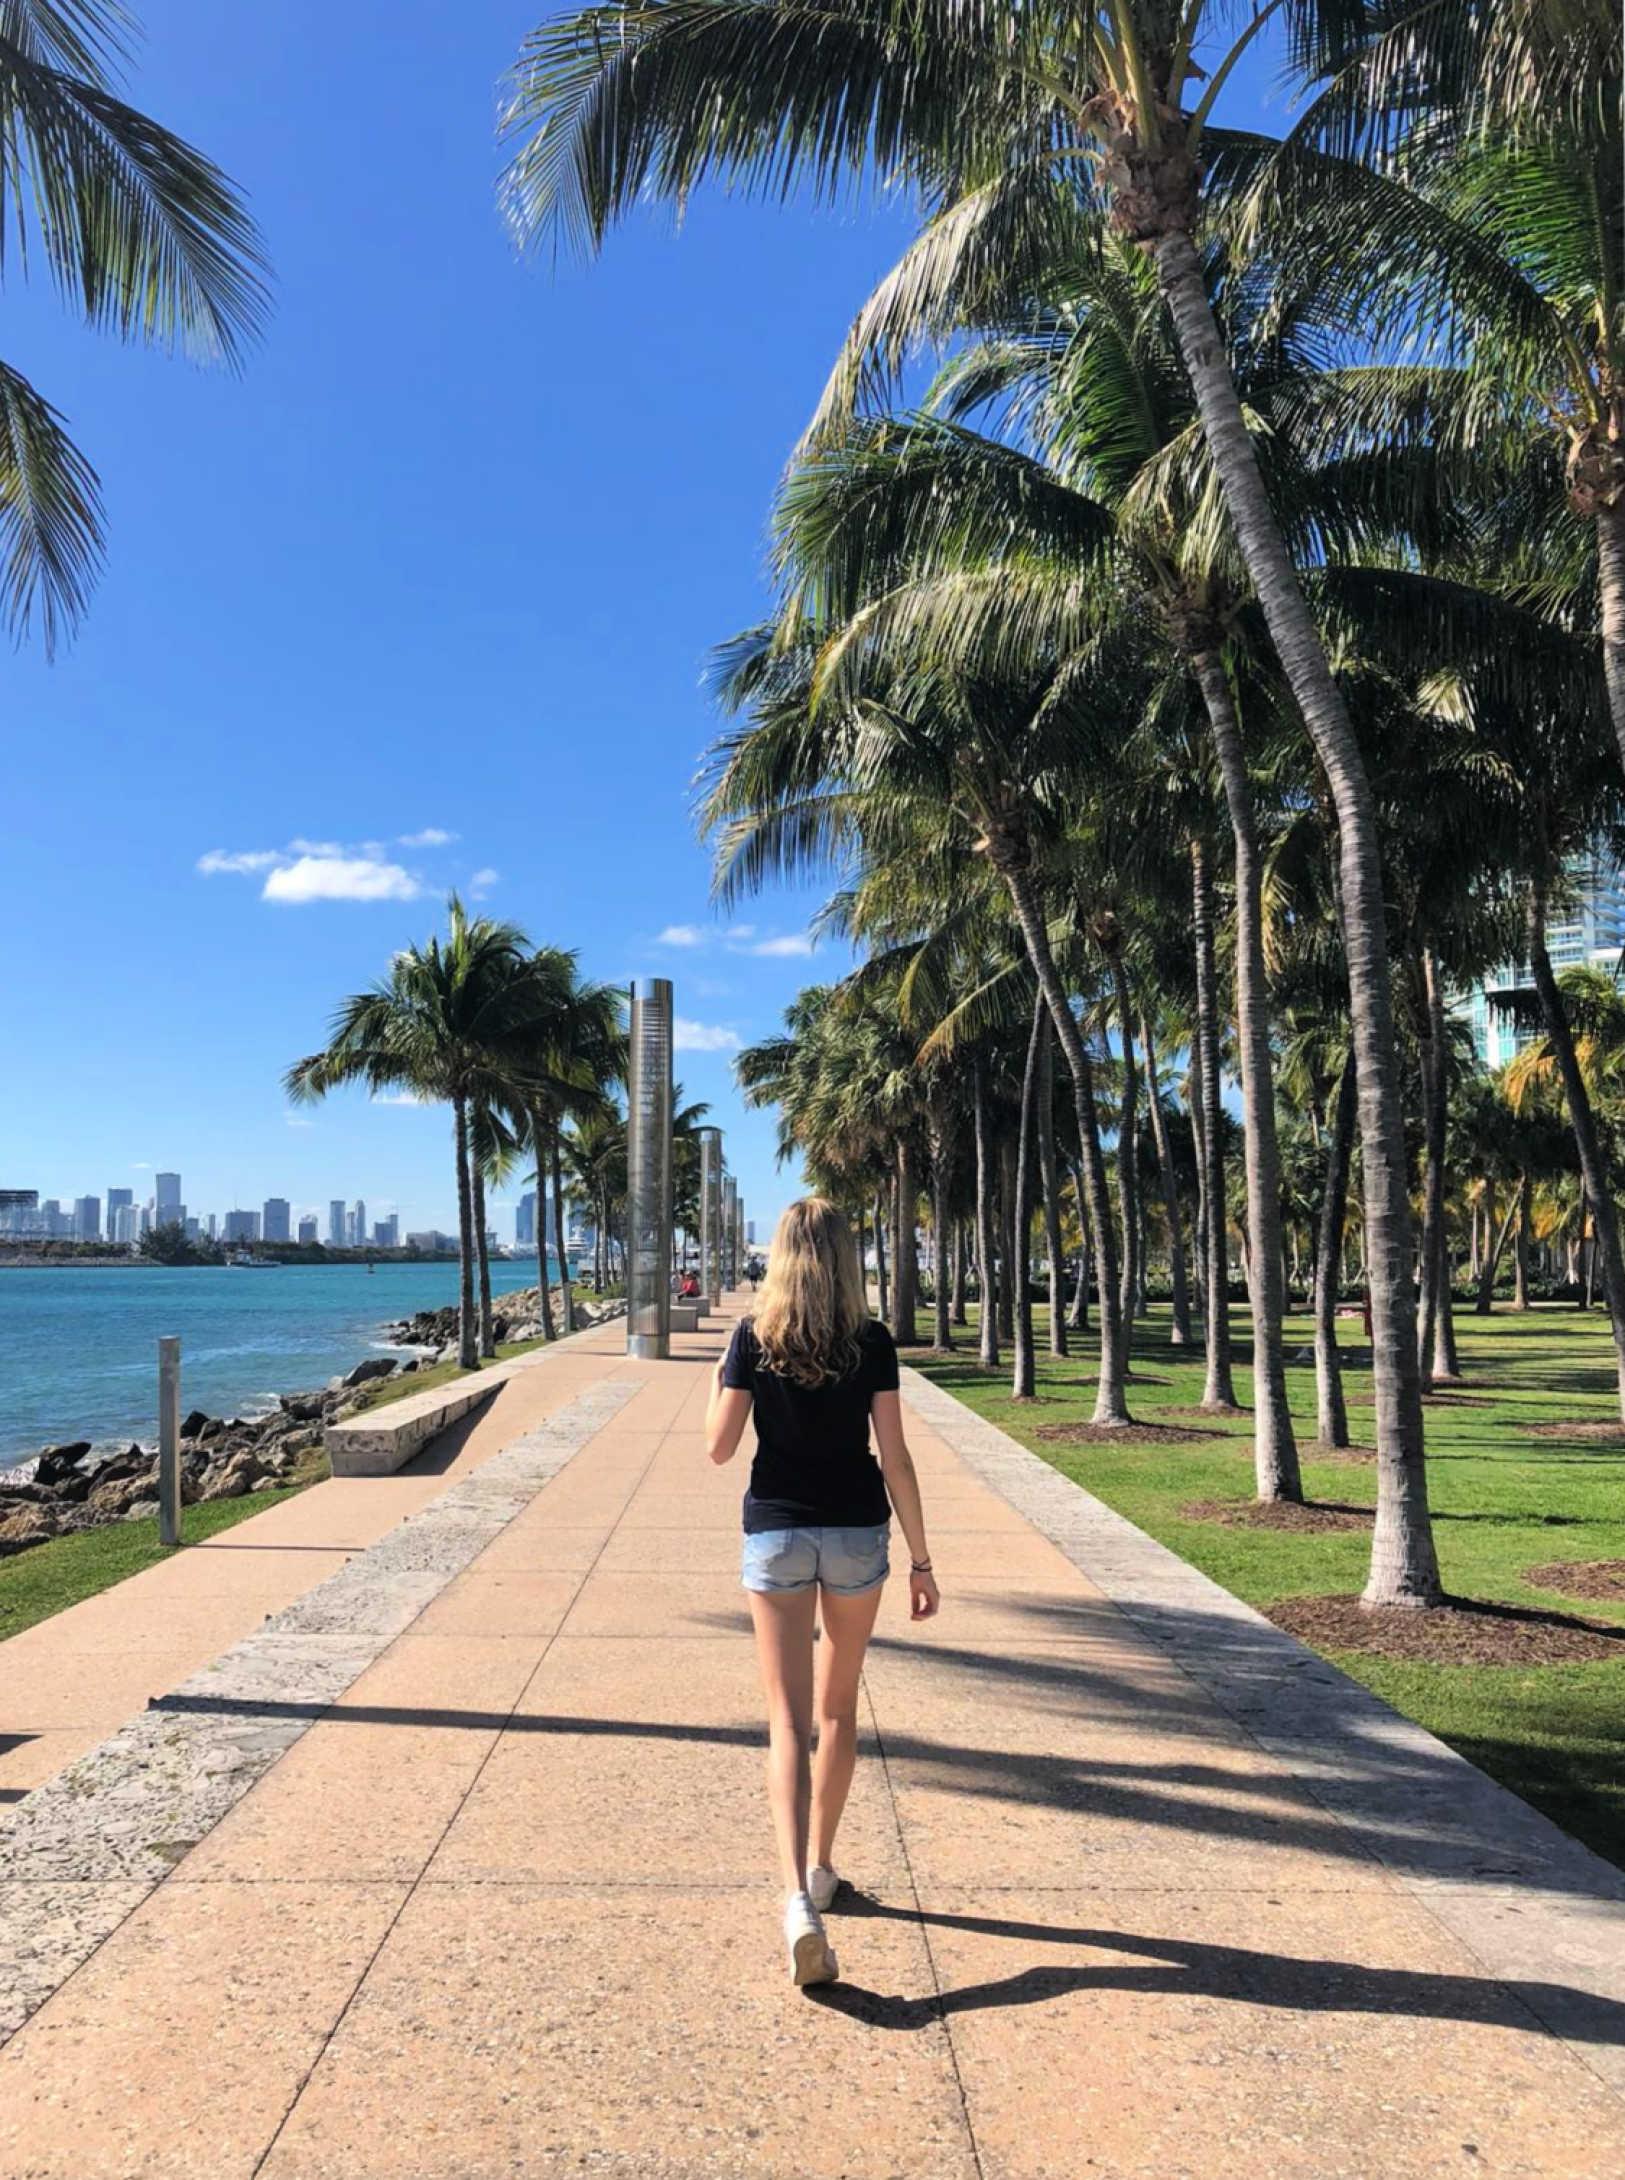 Miami South Pointe Park